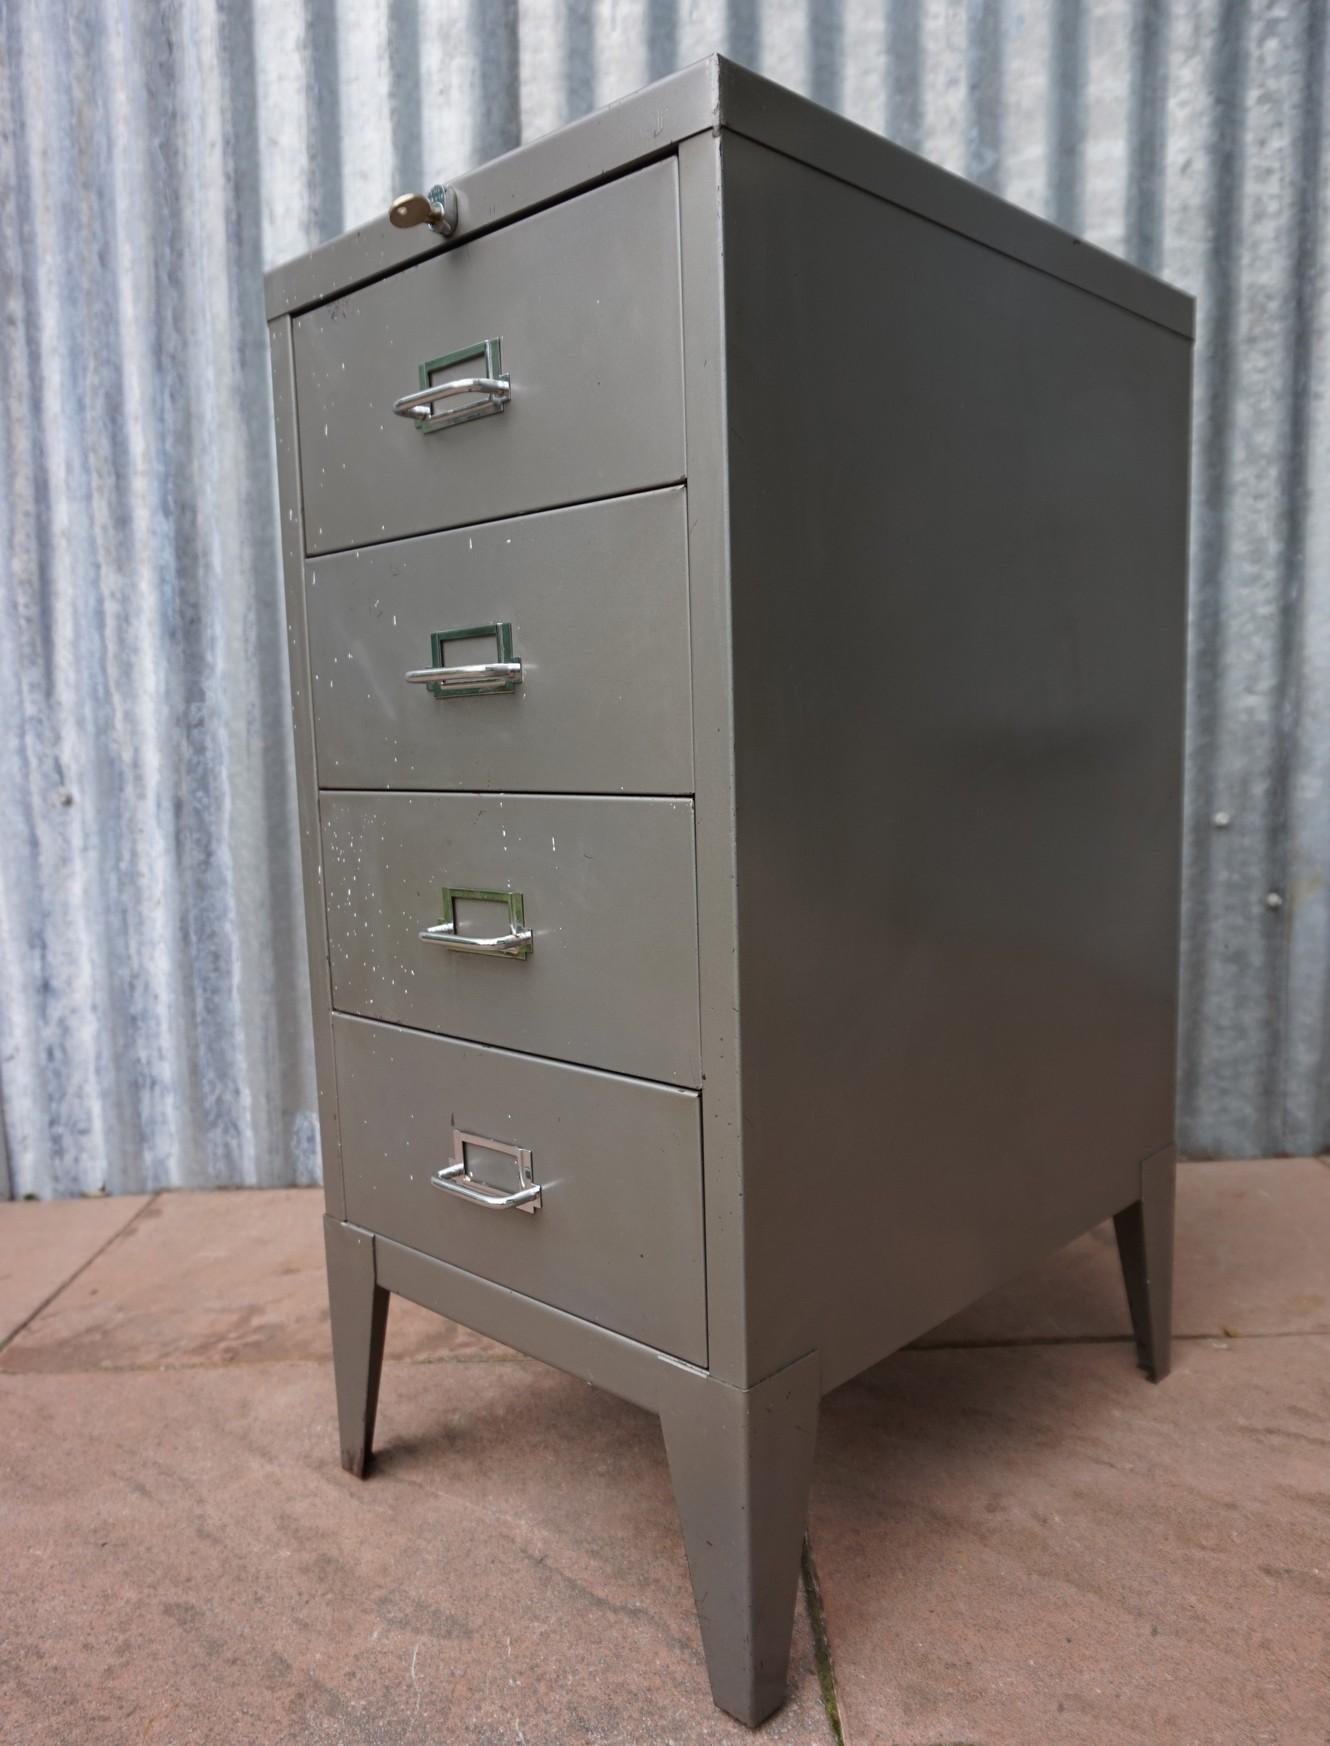 Commode Of Ladenkast.Industrieel Vintage Ladekast Ladenkast Commode Van Metaal Stor Steel